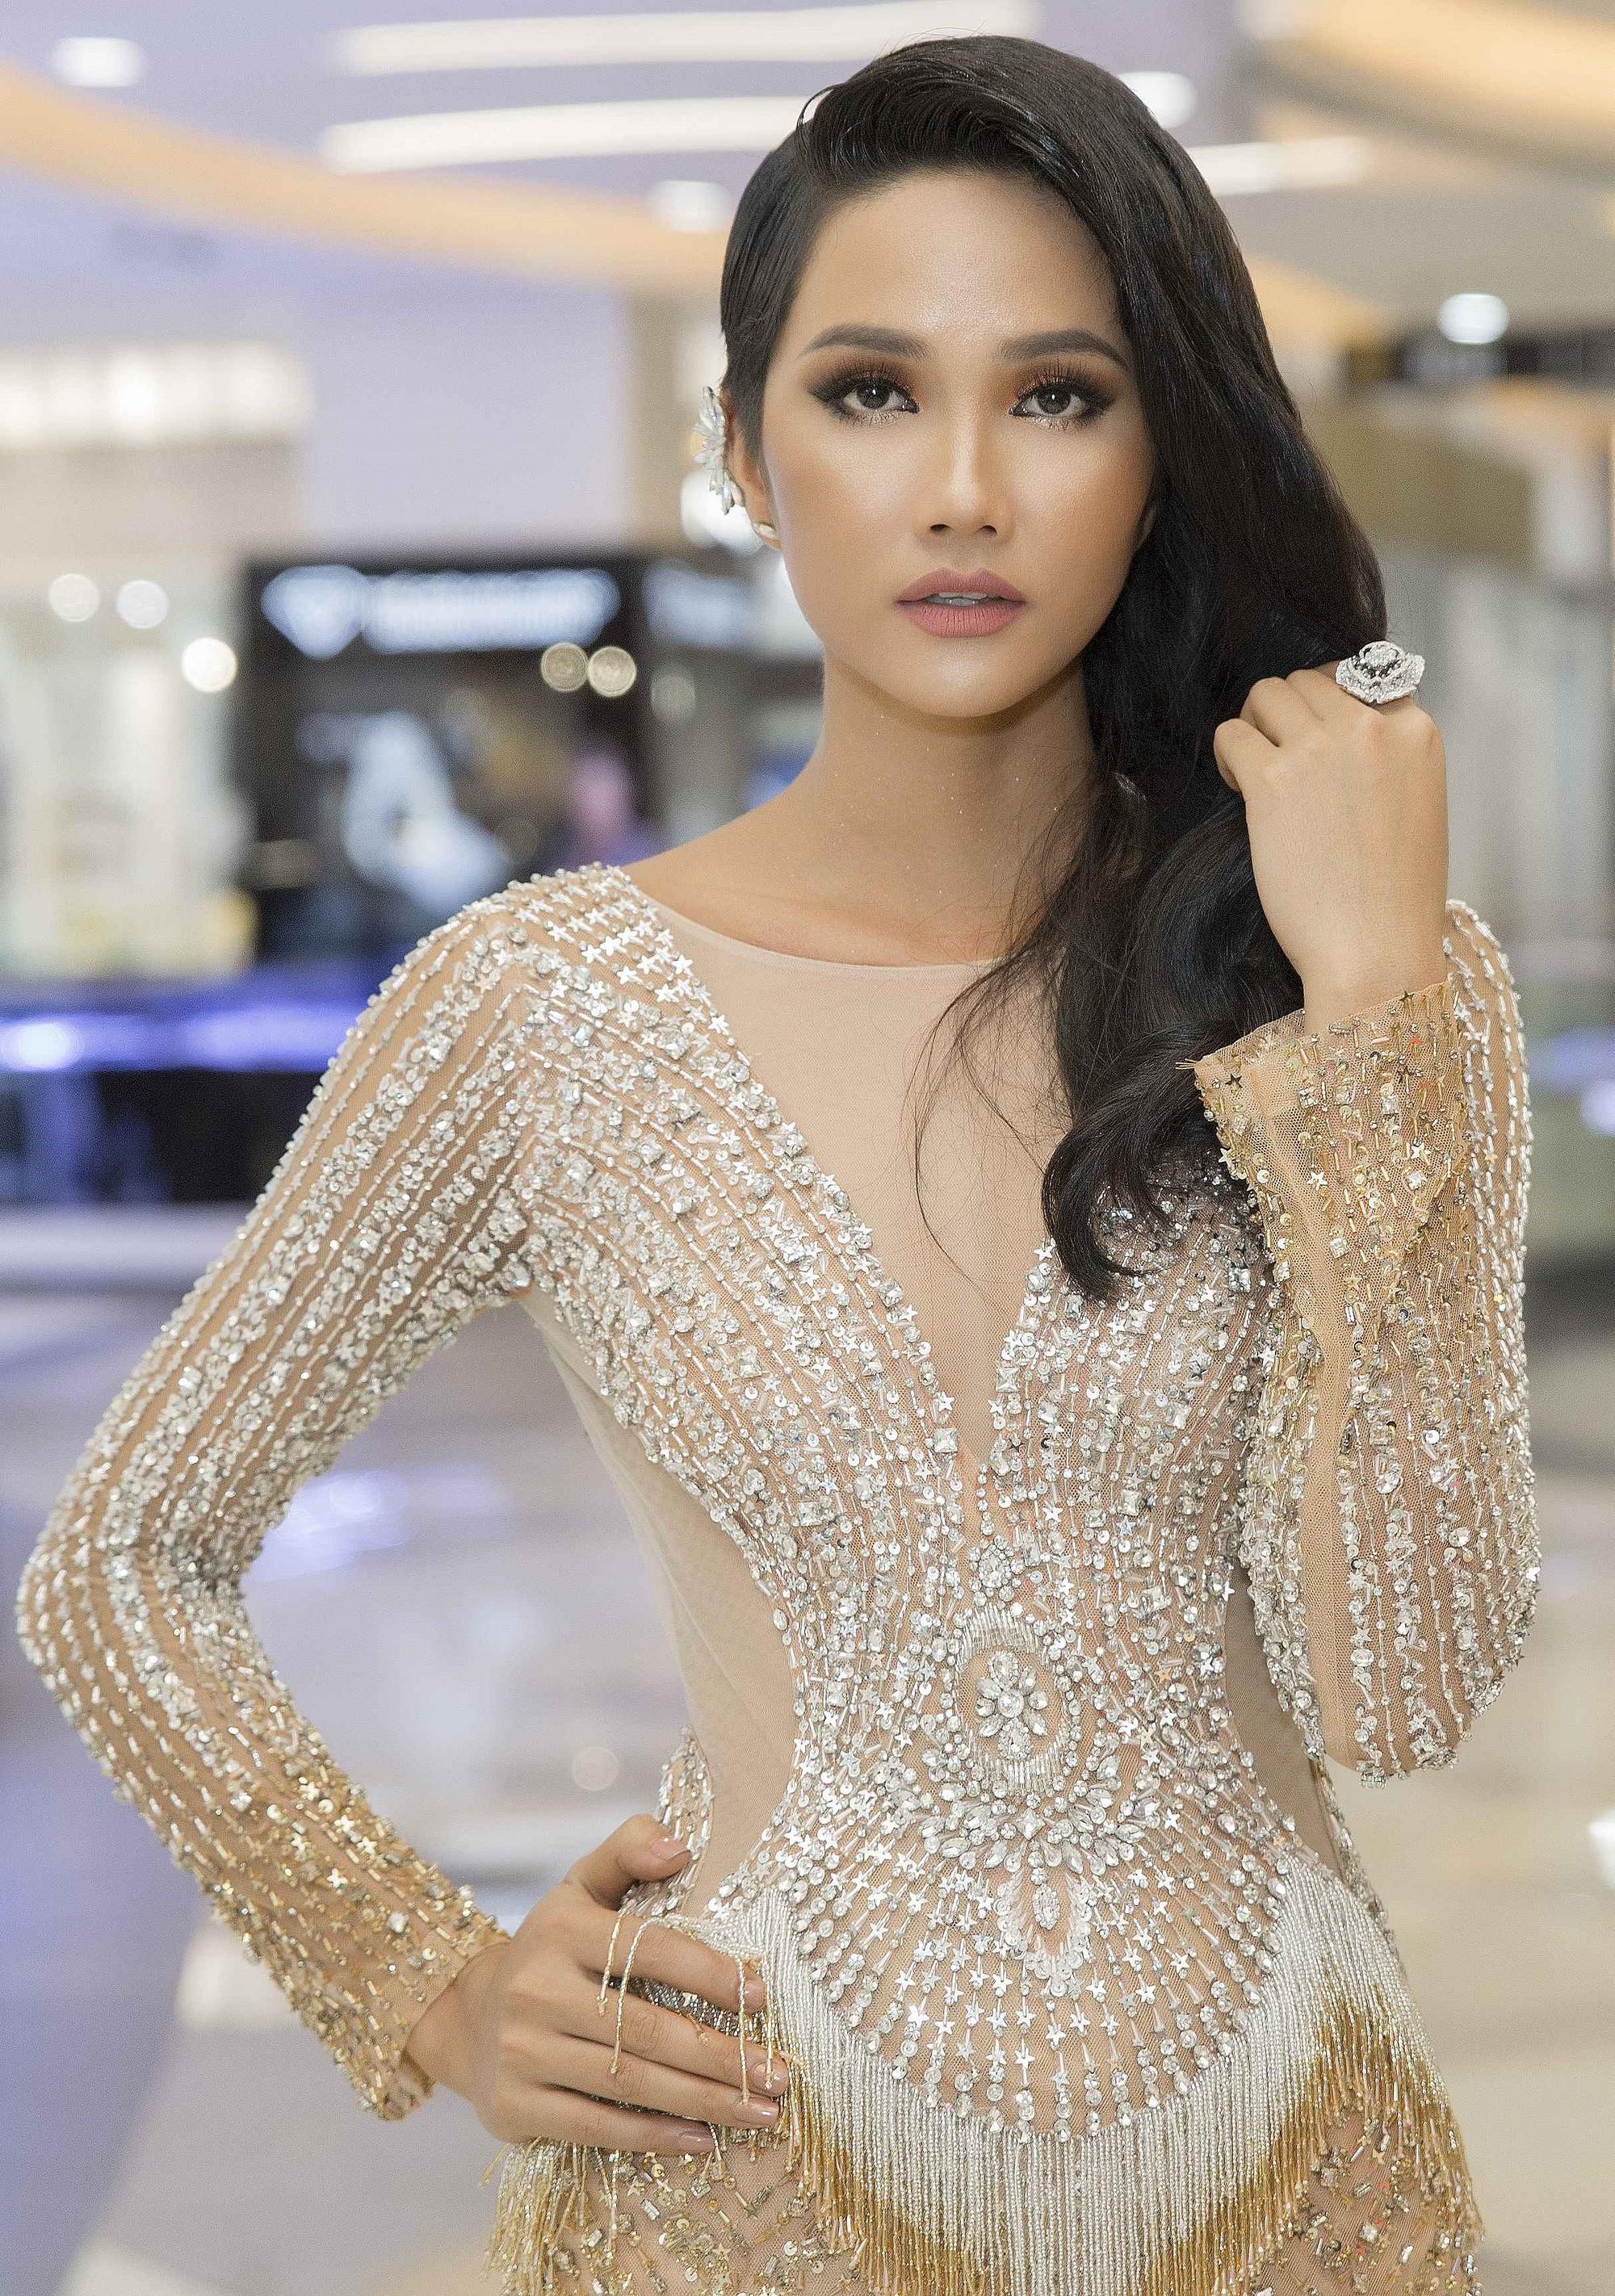 Hành trình nhan sắc và khối tài sản không phải dạng vừa của dàn Hoa hậu đình đám - Ảnh 7.